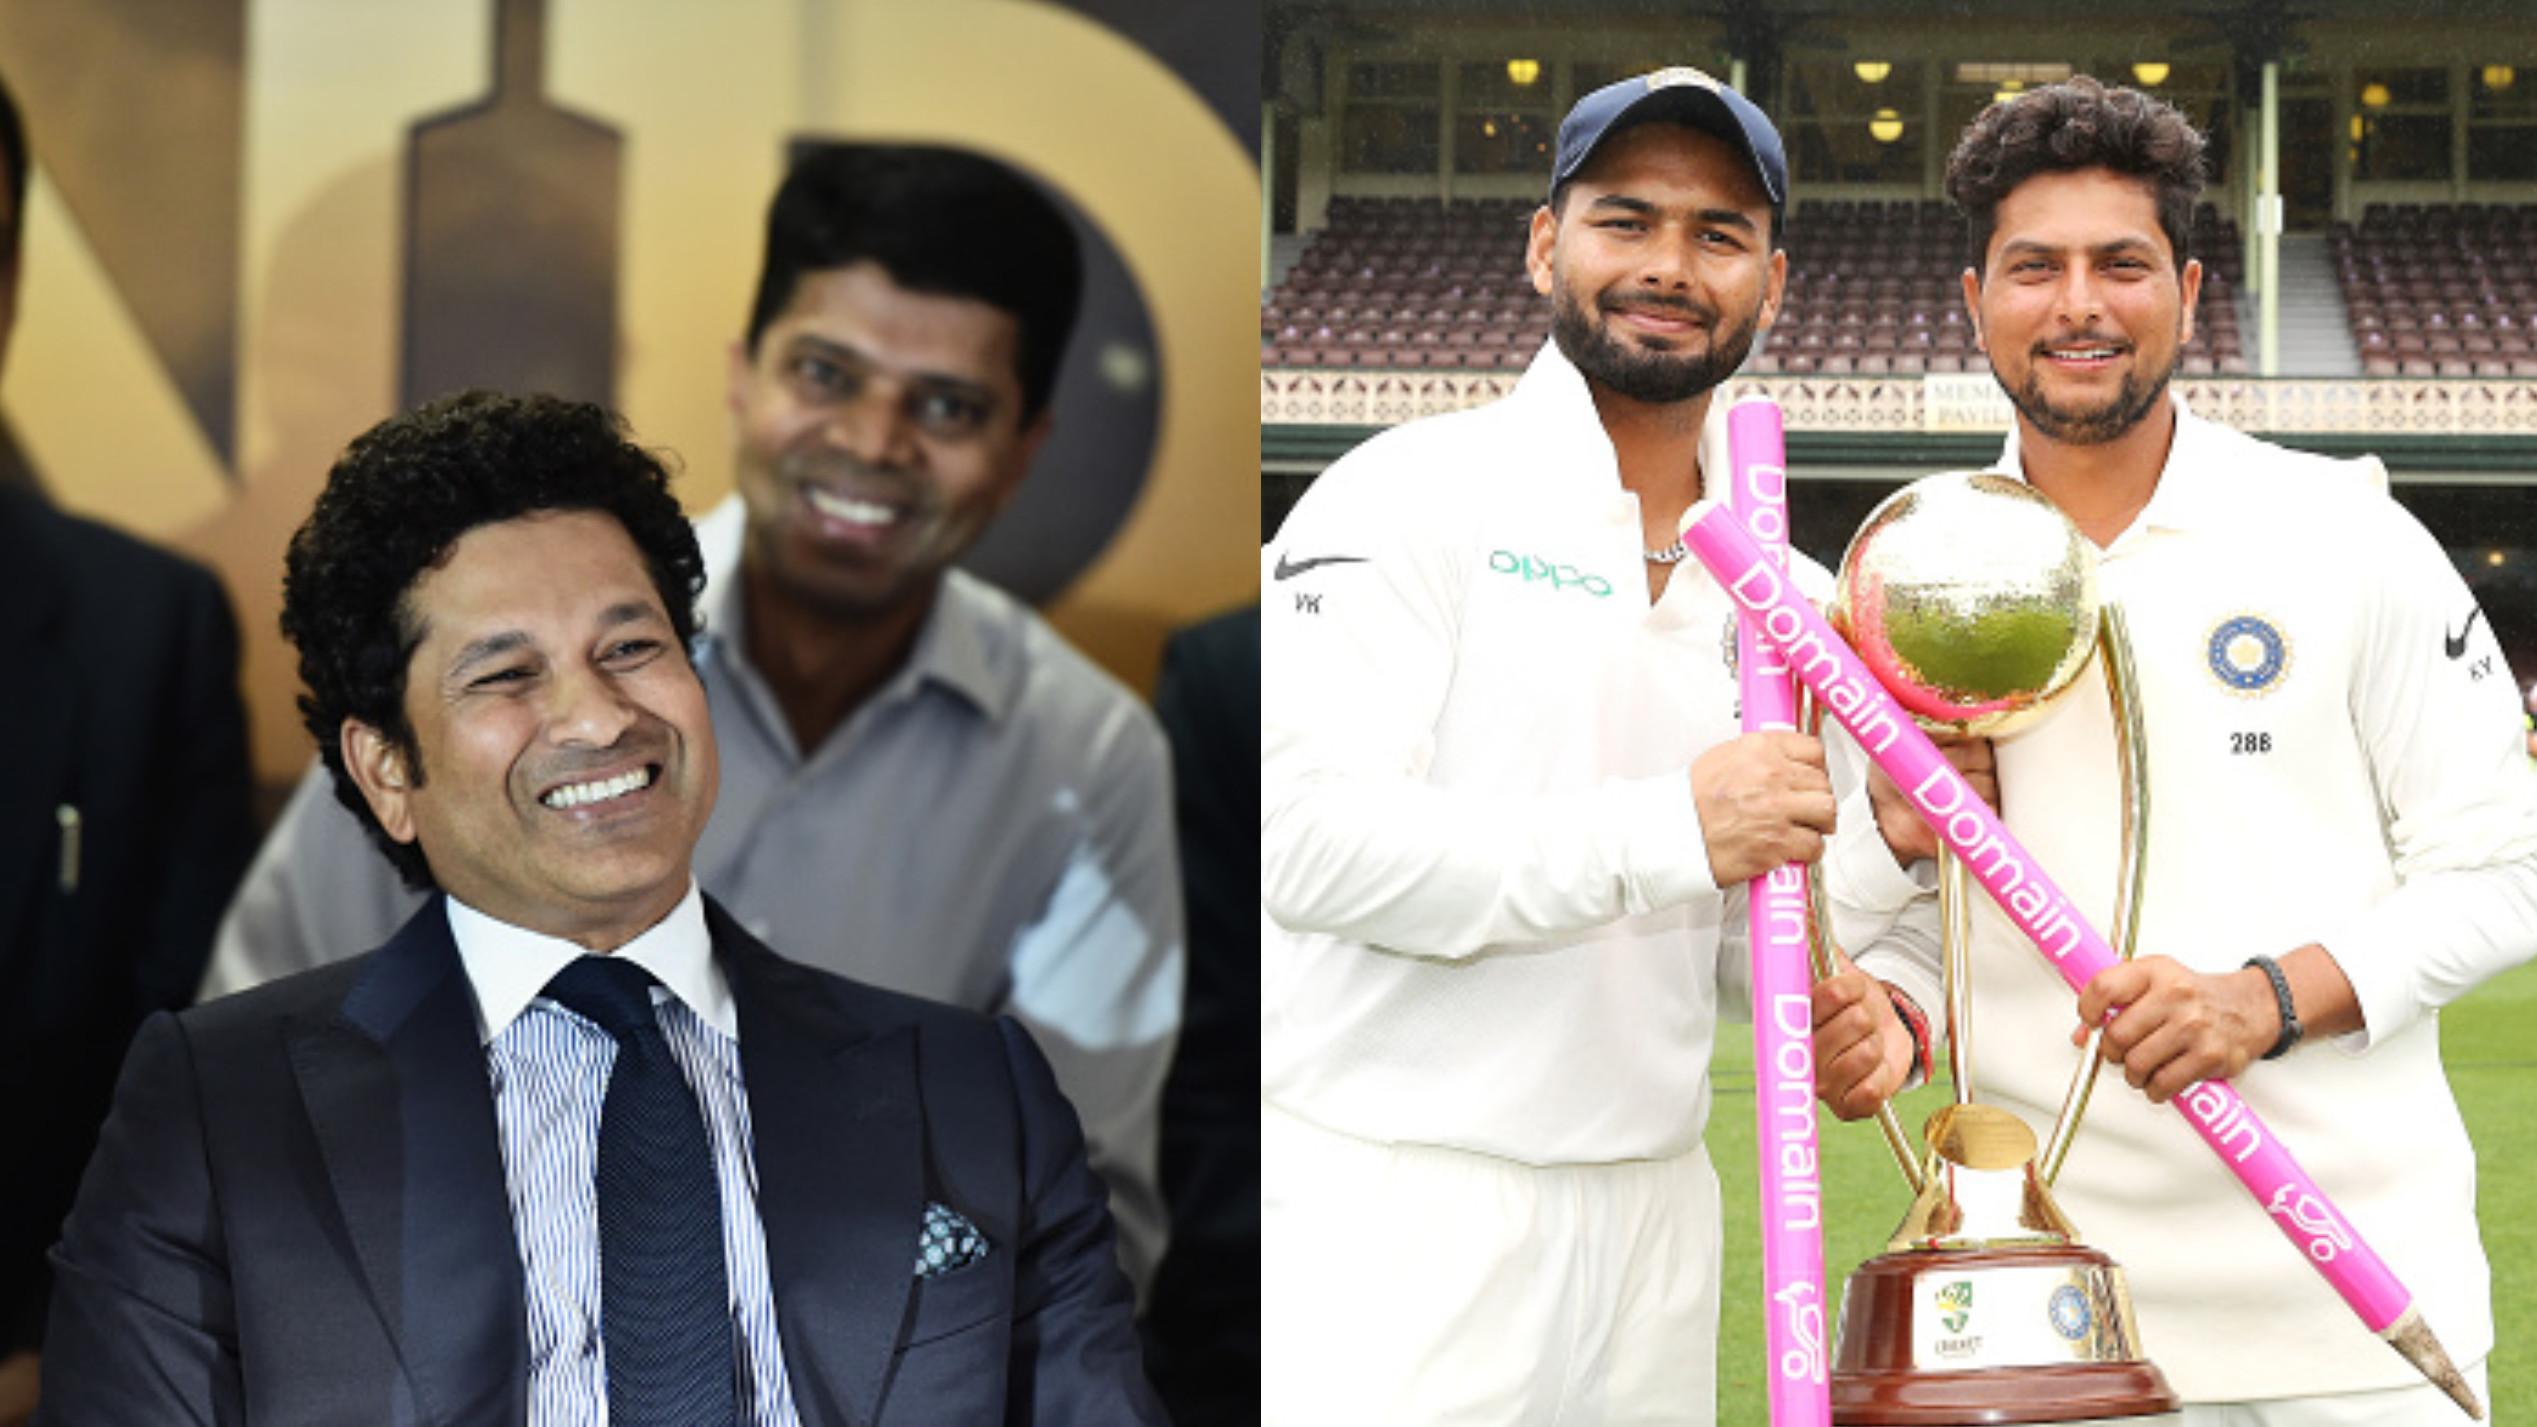 AUS v IND 2018-19 : ऑस्ट्रेलिया में टीम इंडिया की ऐतिहासिक जीत के बाद सचिन तेंदुलकर ने कुलदीप यादव और रिषभ पंत को बताया स्टार्स